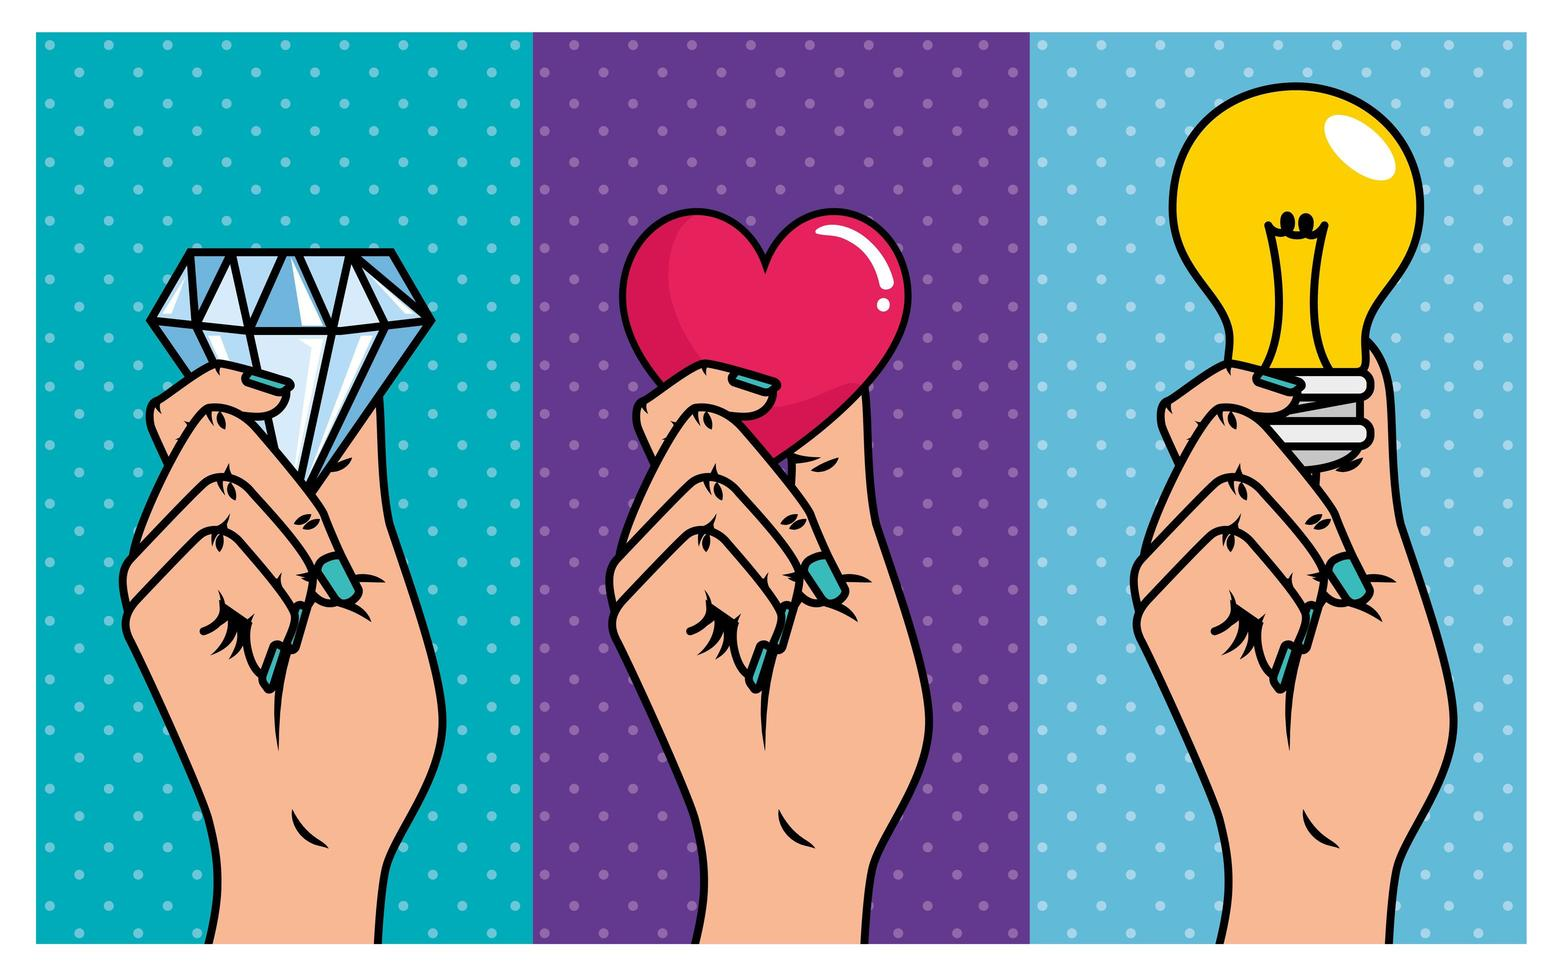 conjunto de mãos com ícones de estilo pop art vetor